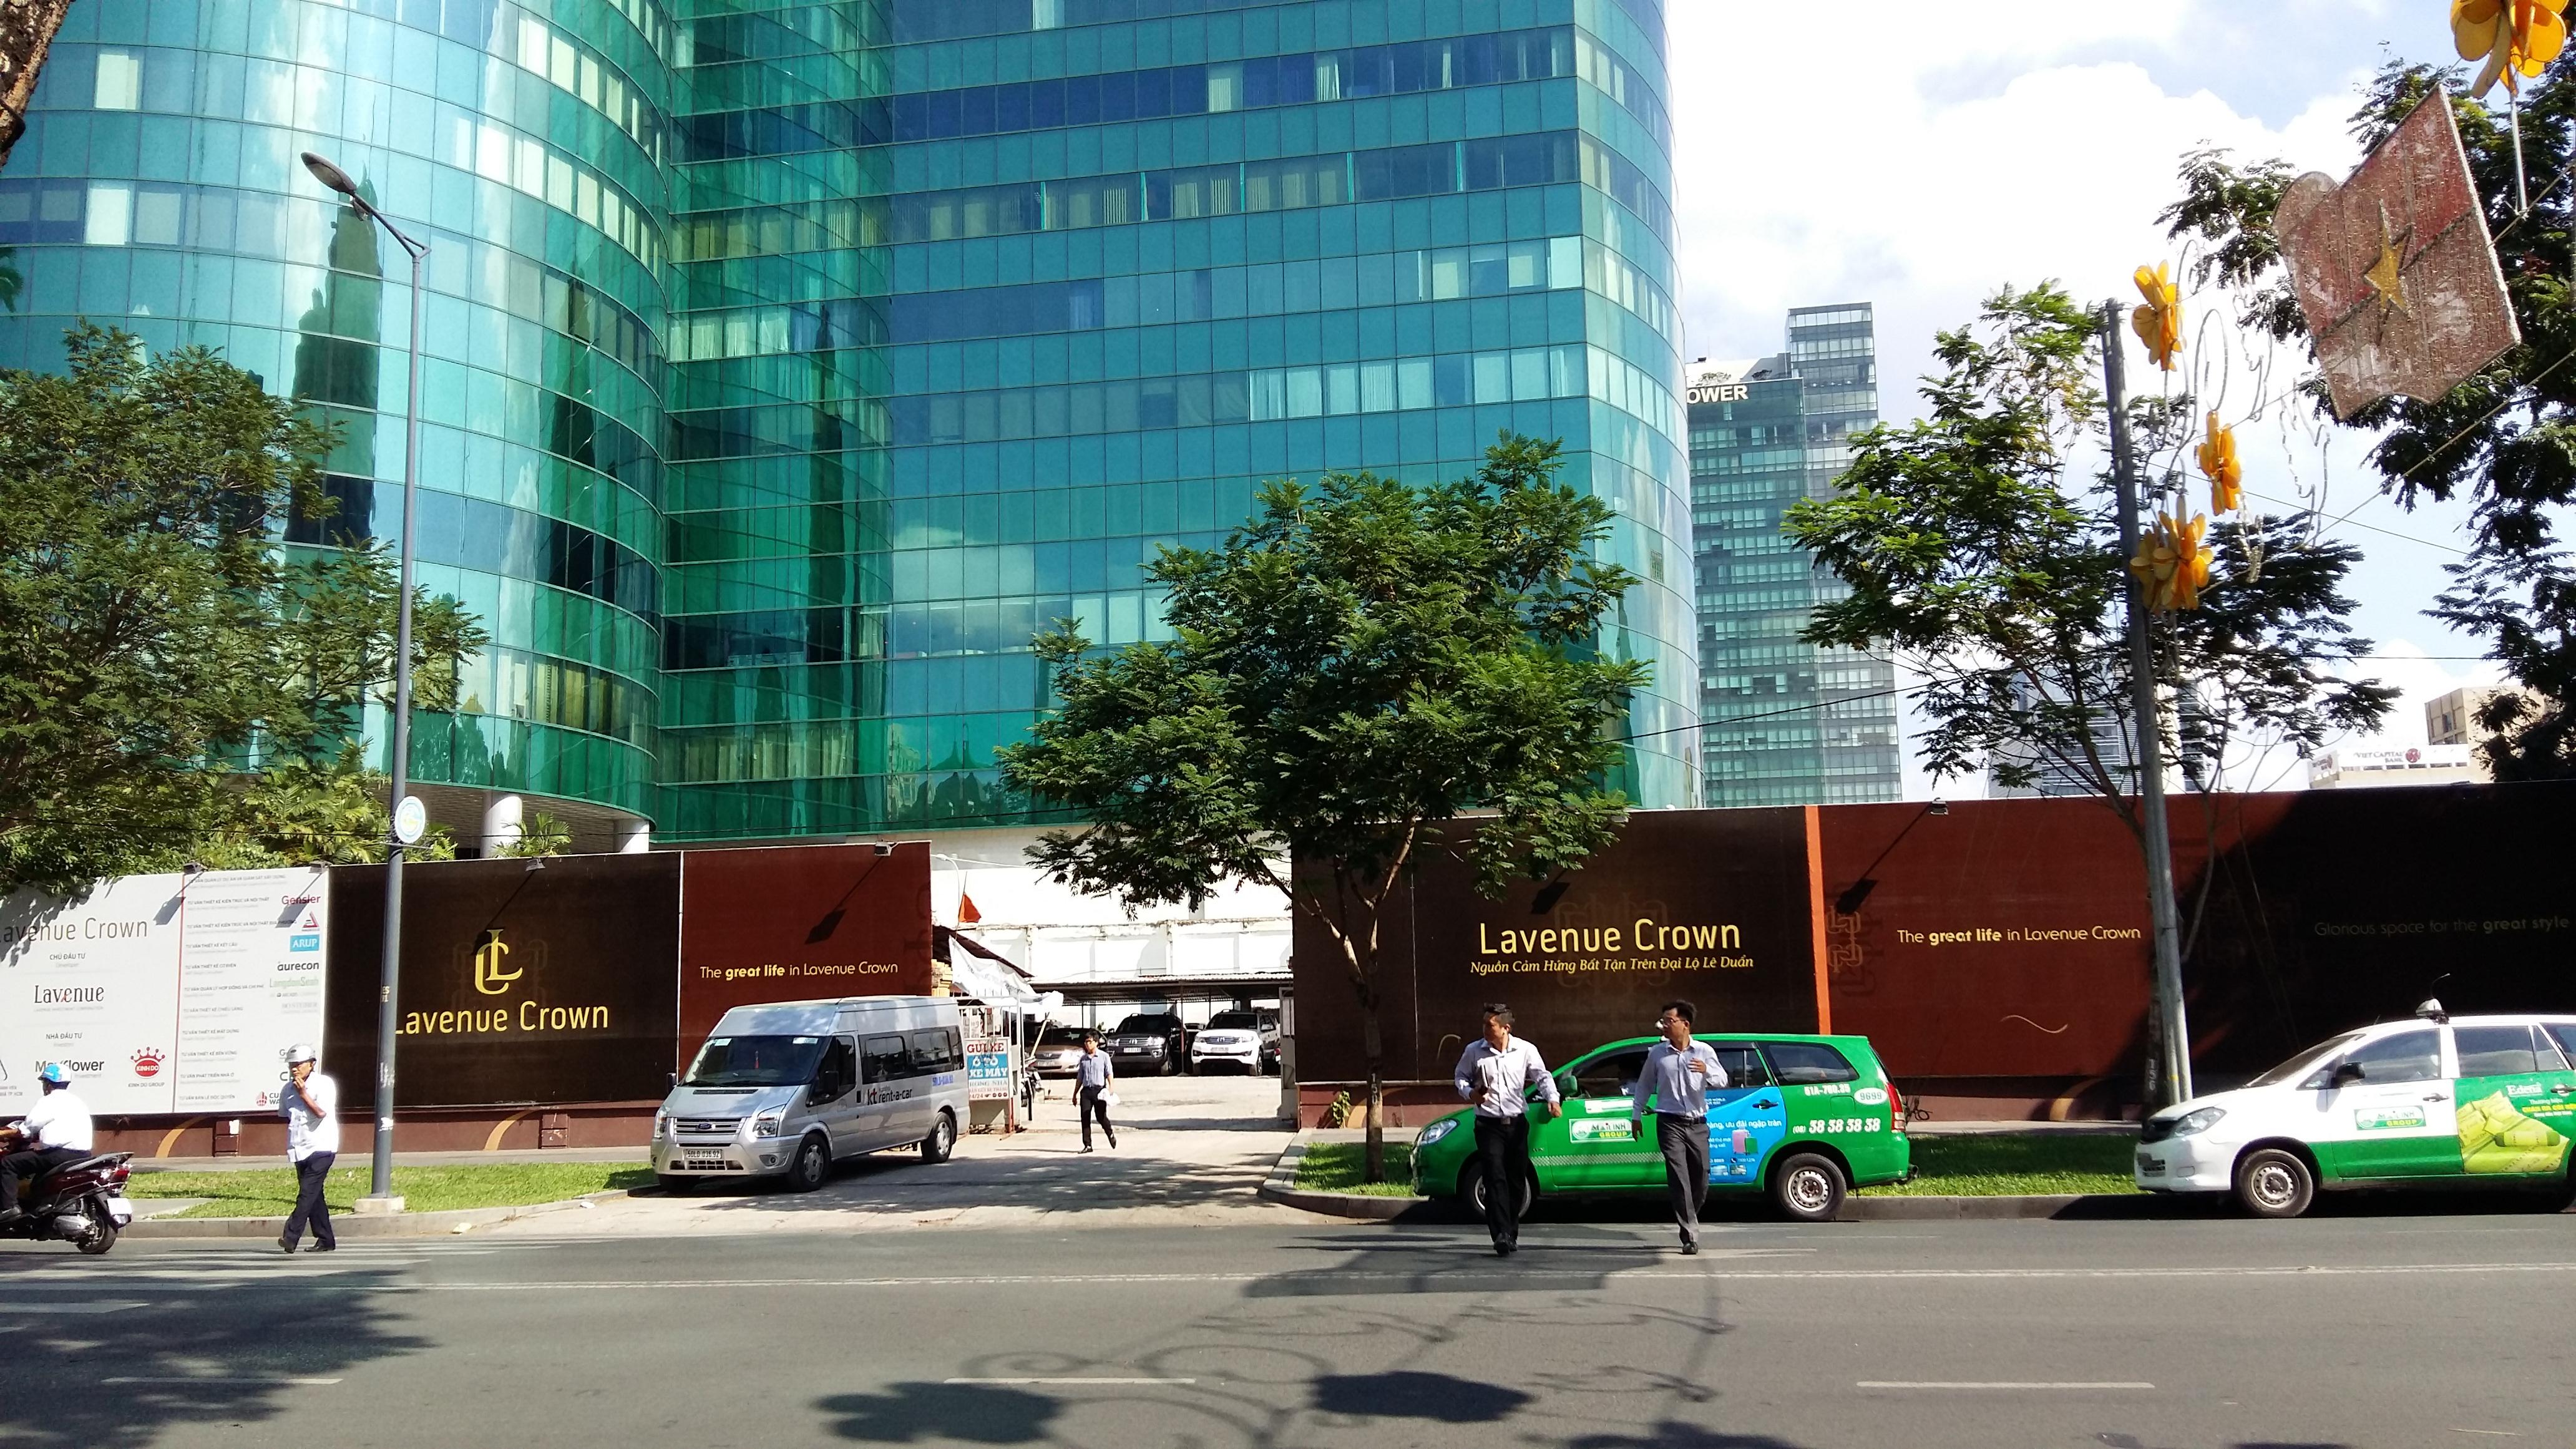 Khu đất vàng của tập đoàn Kinh Đô cũng chuẩn bị rục rịch triển khai dự án cao ốc